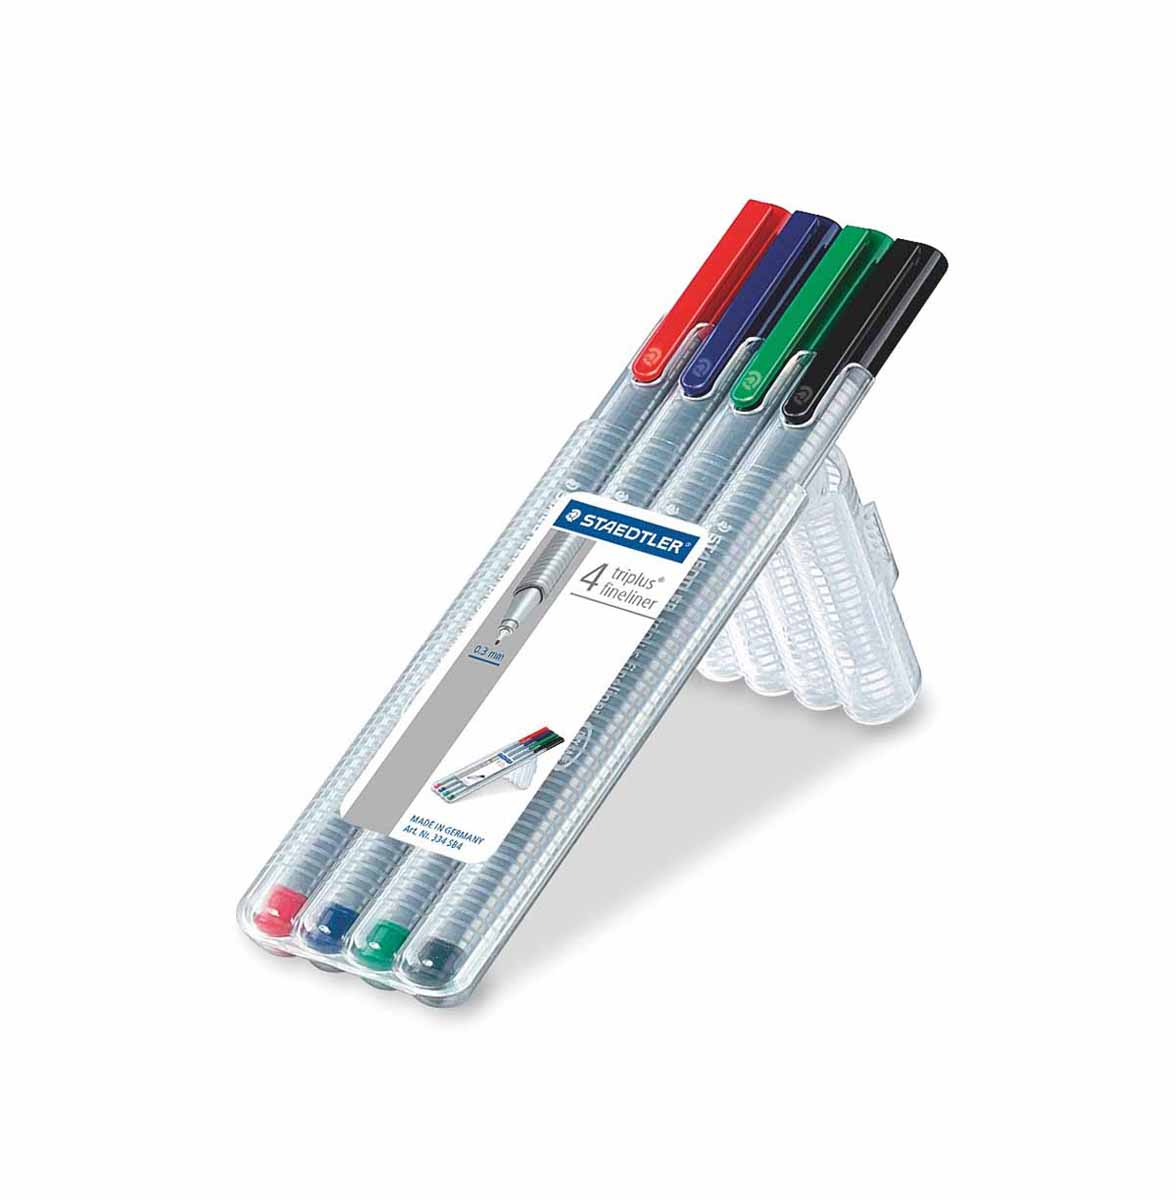 Staedtler Набор капиллярных ручек Triplus 4 цвета334SB4Набор капиллярных ручек Staedtler Triplus идеально подходит для особо легкого и мягкого письма, рисования и черчения. Высокое качество износостойкого пишущего наконечника и большой запас чернил значительно увеличивают срок службы ручки. В набор входят 4 разноцветные капиллярные ручки.